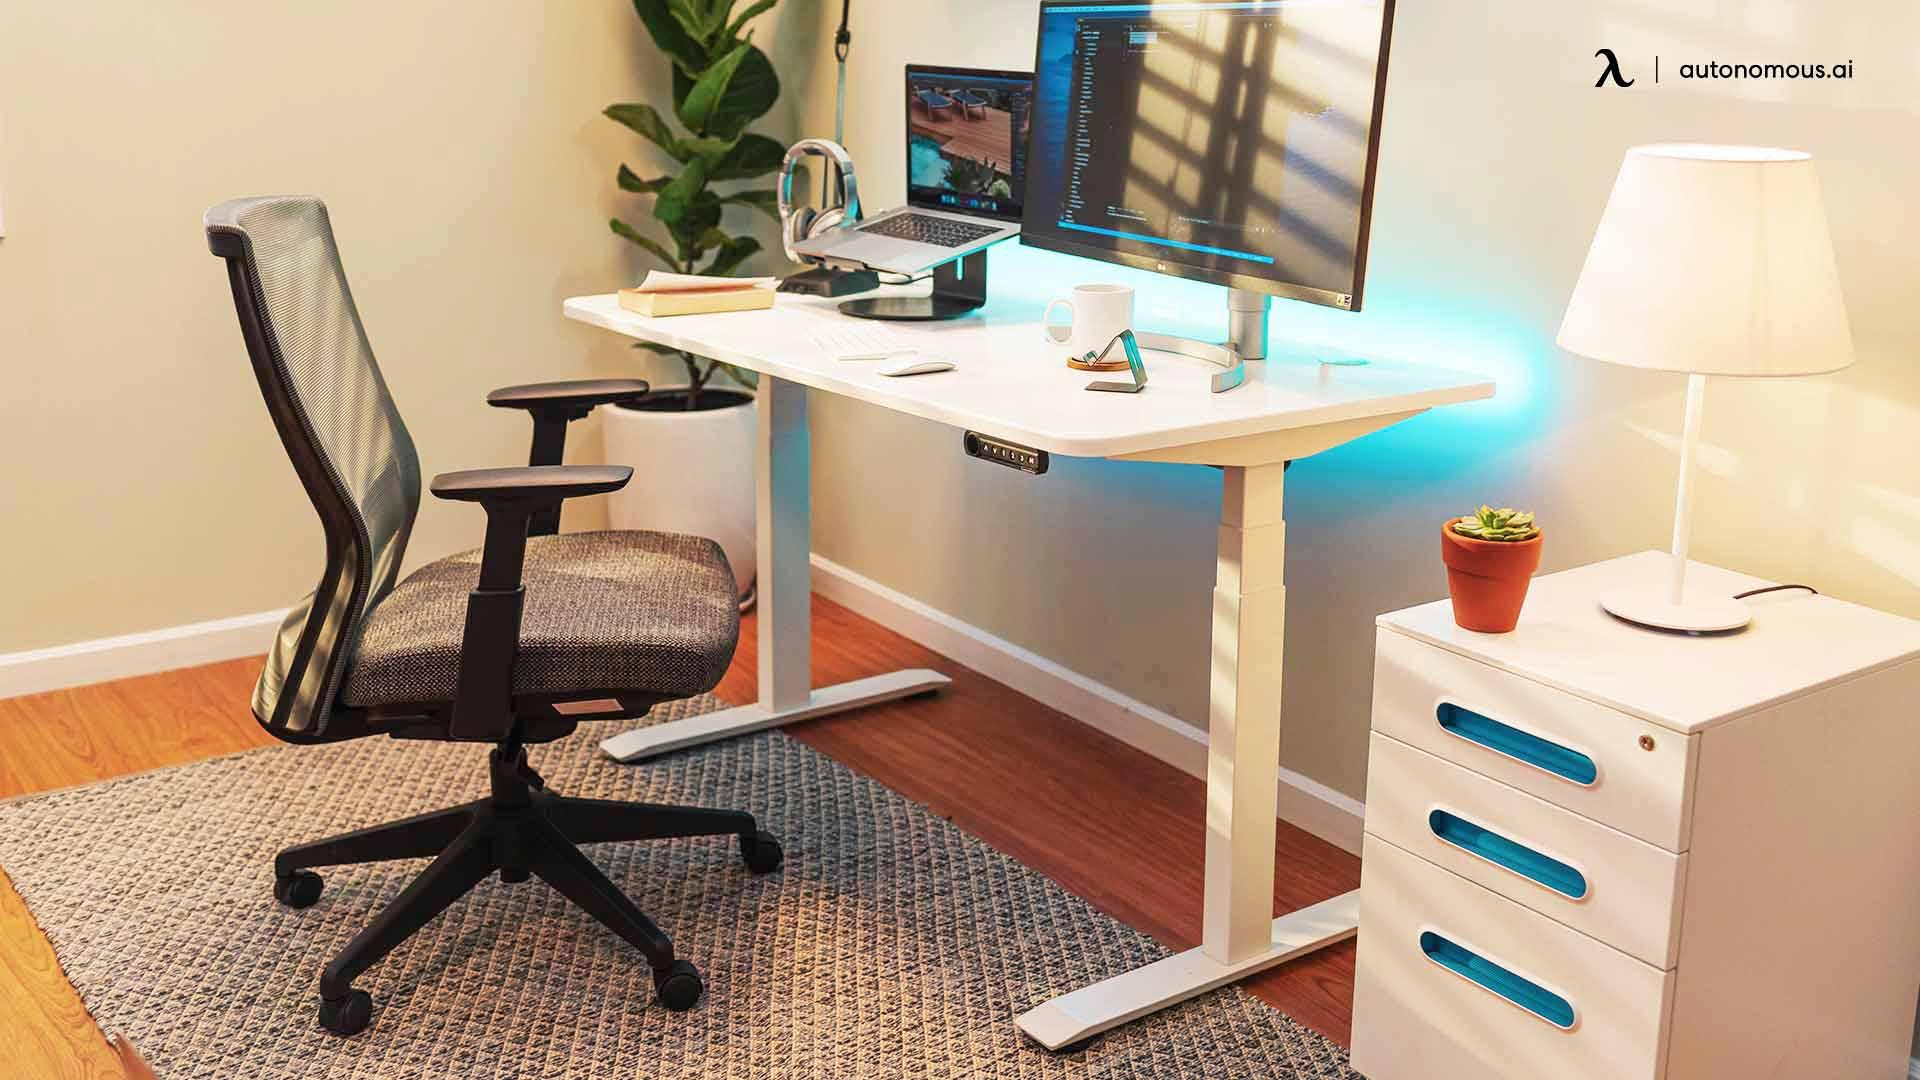 Ergonomic furniture